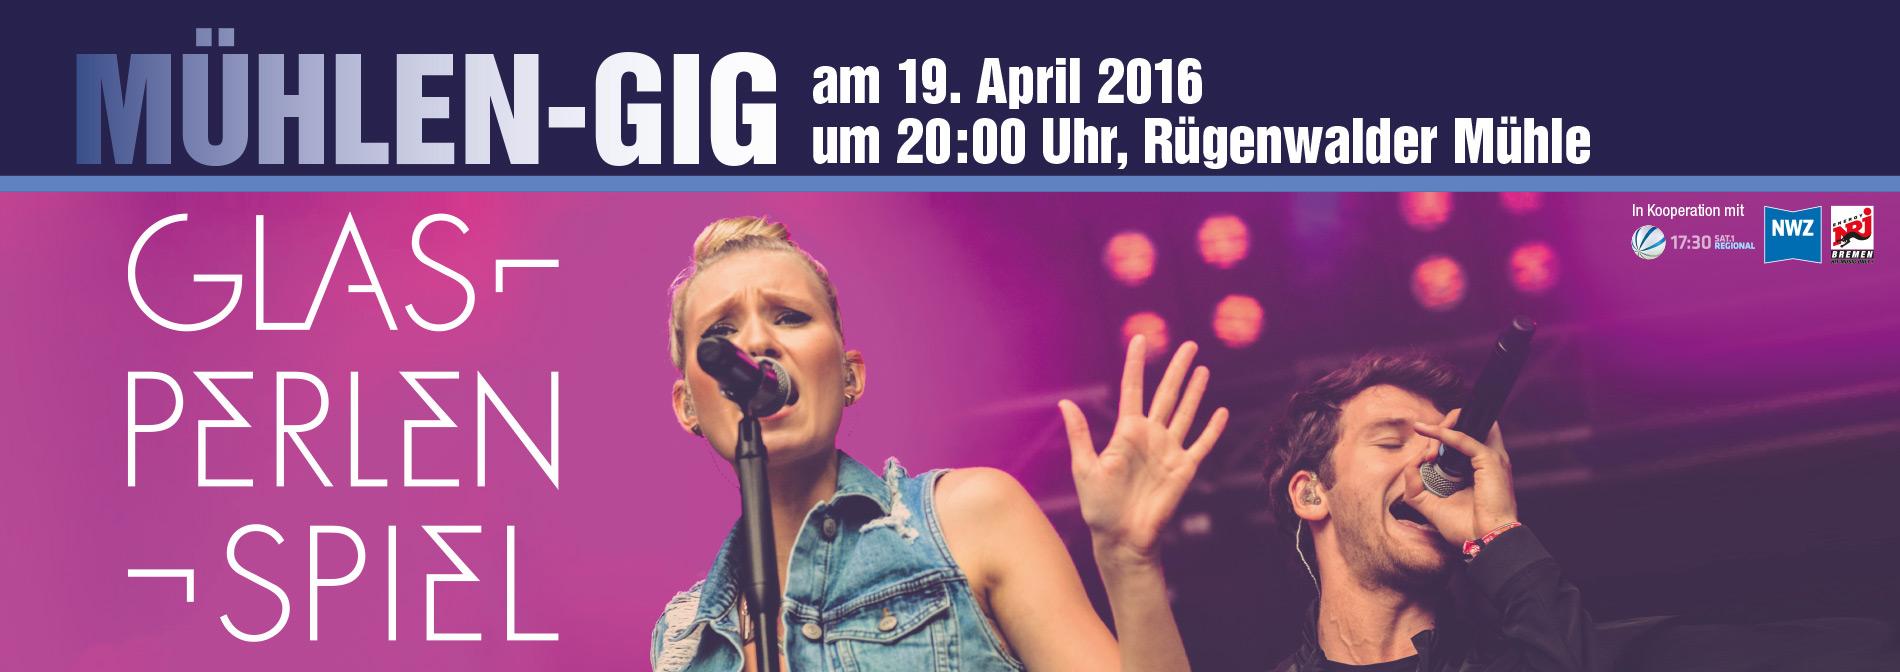 ruegenwalder-muehlen-gig_Glasperlenspiel